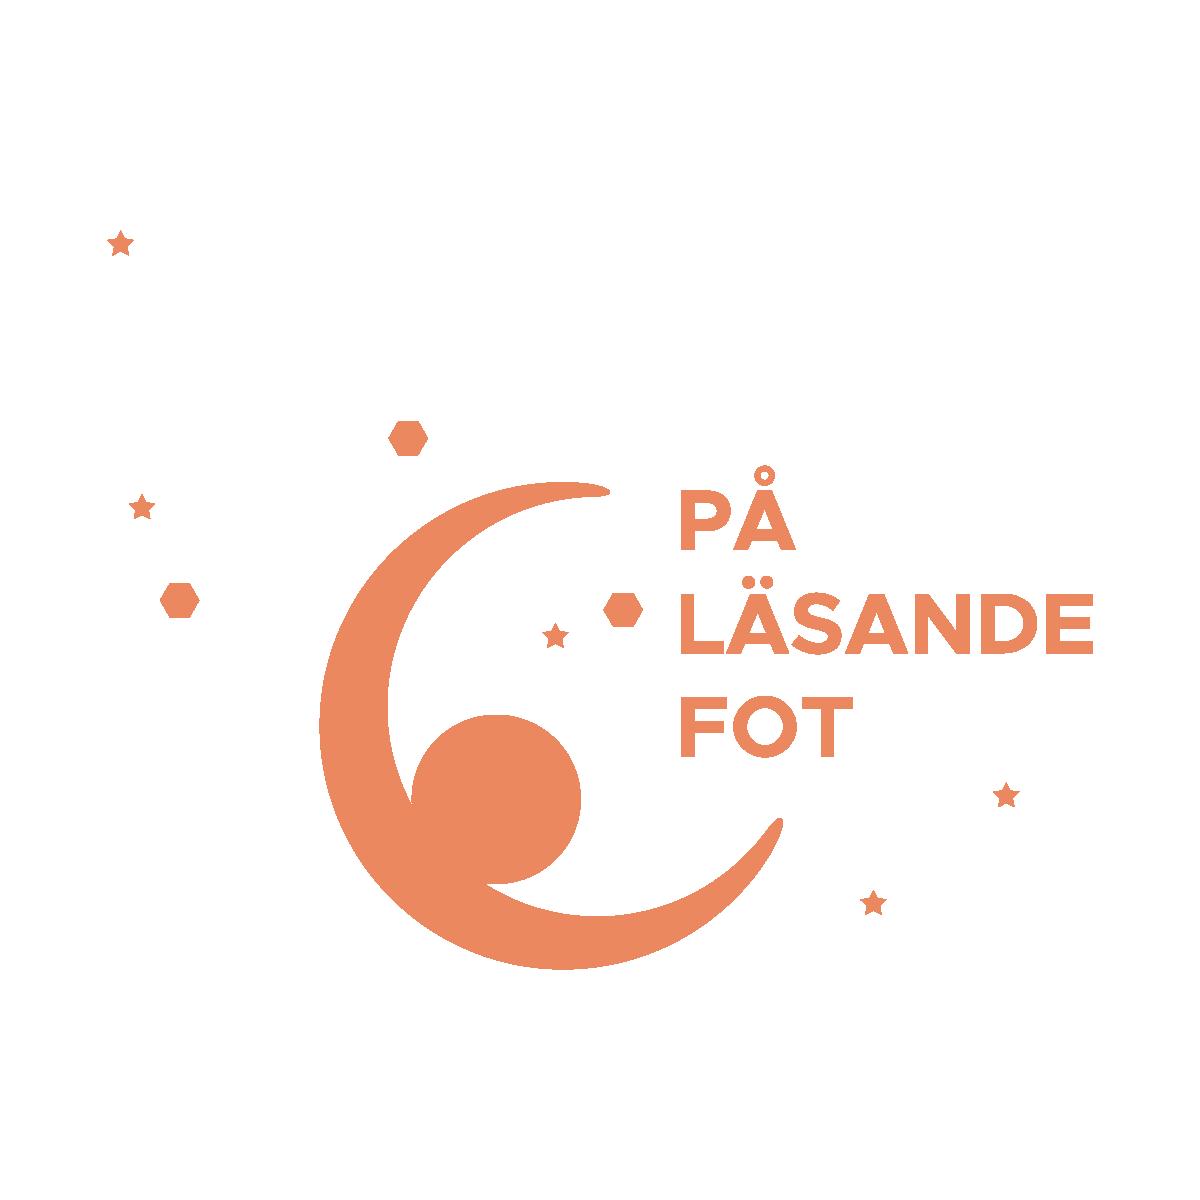 Logo på läsande fot orange